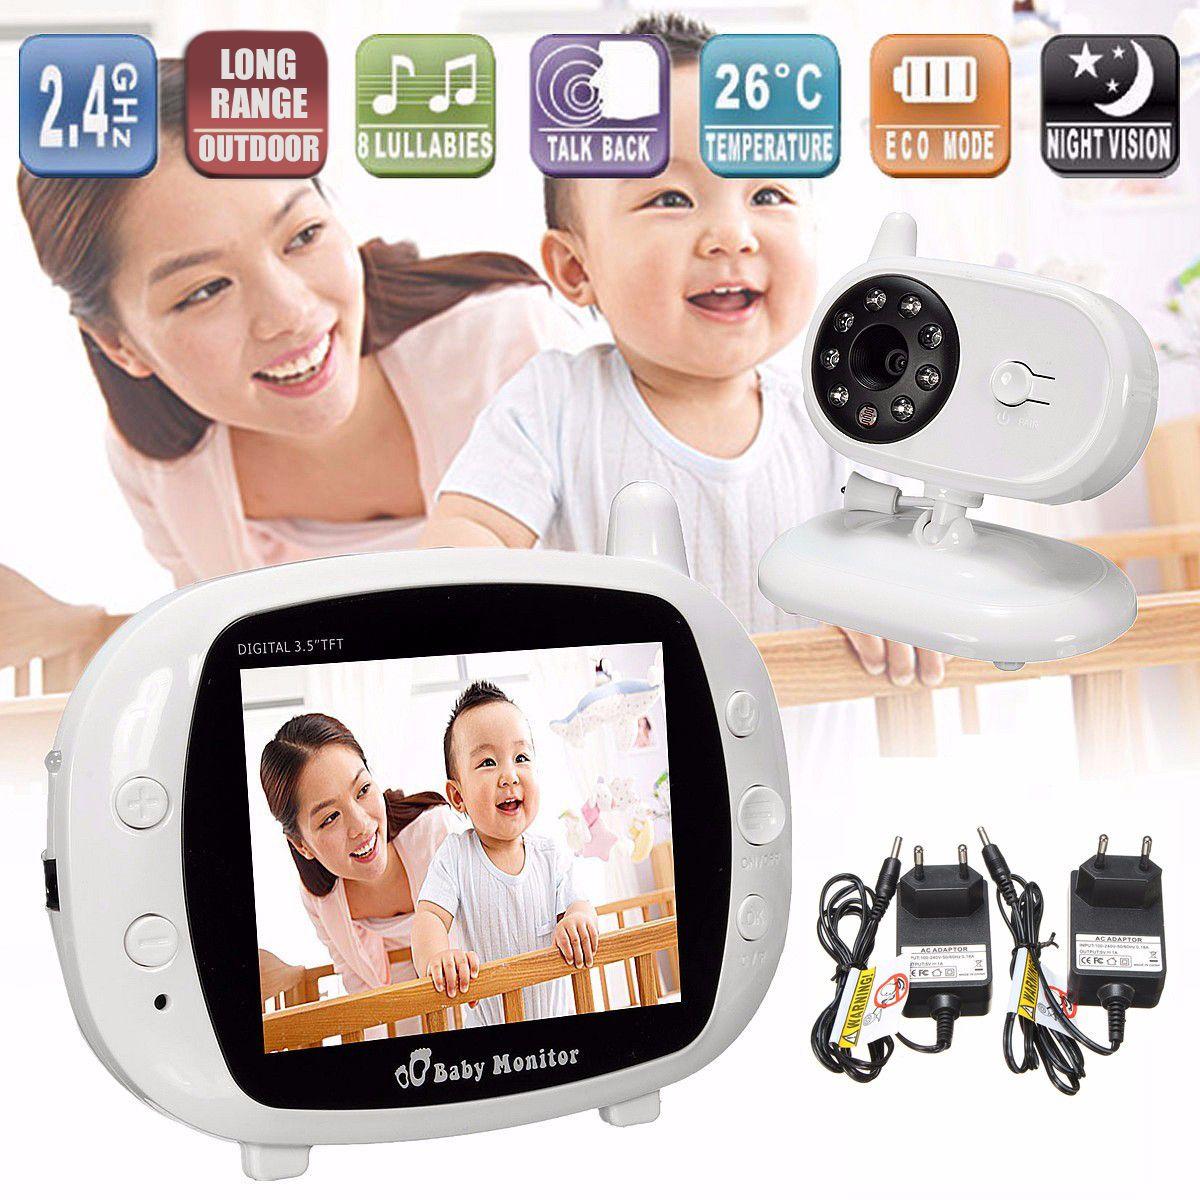 2,4g Wireless Digital 3,5 LCD Baby Monitor Kamera 2 Weg Audio Sprechen Video Nachtsicht Hause WIFI Nanny sicherheit Temperatur